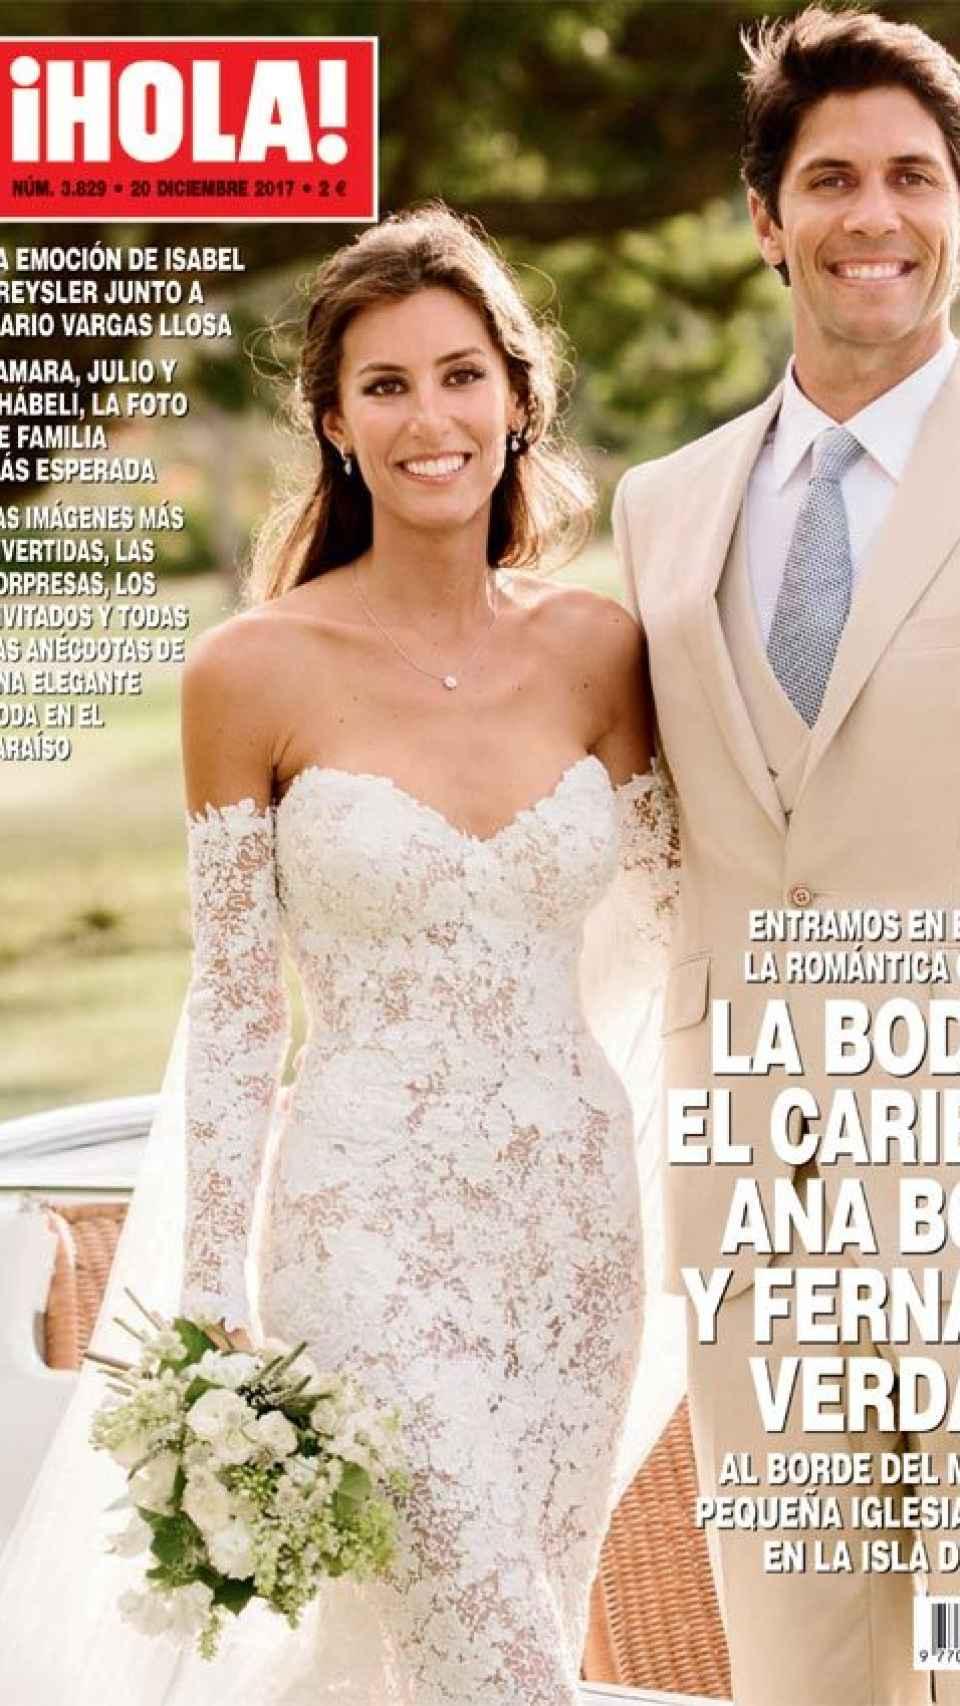 La portada de la revista HOLA.